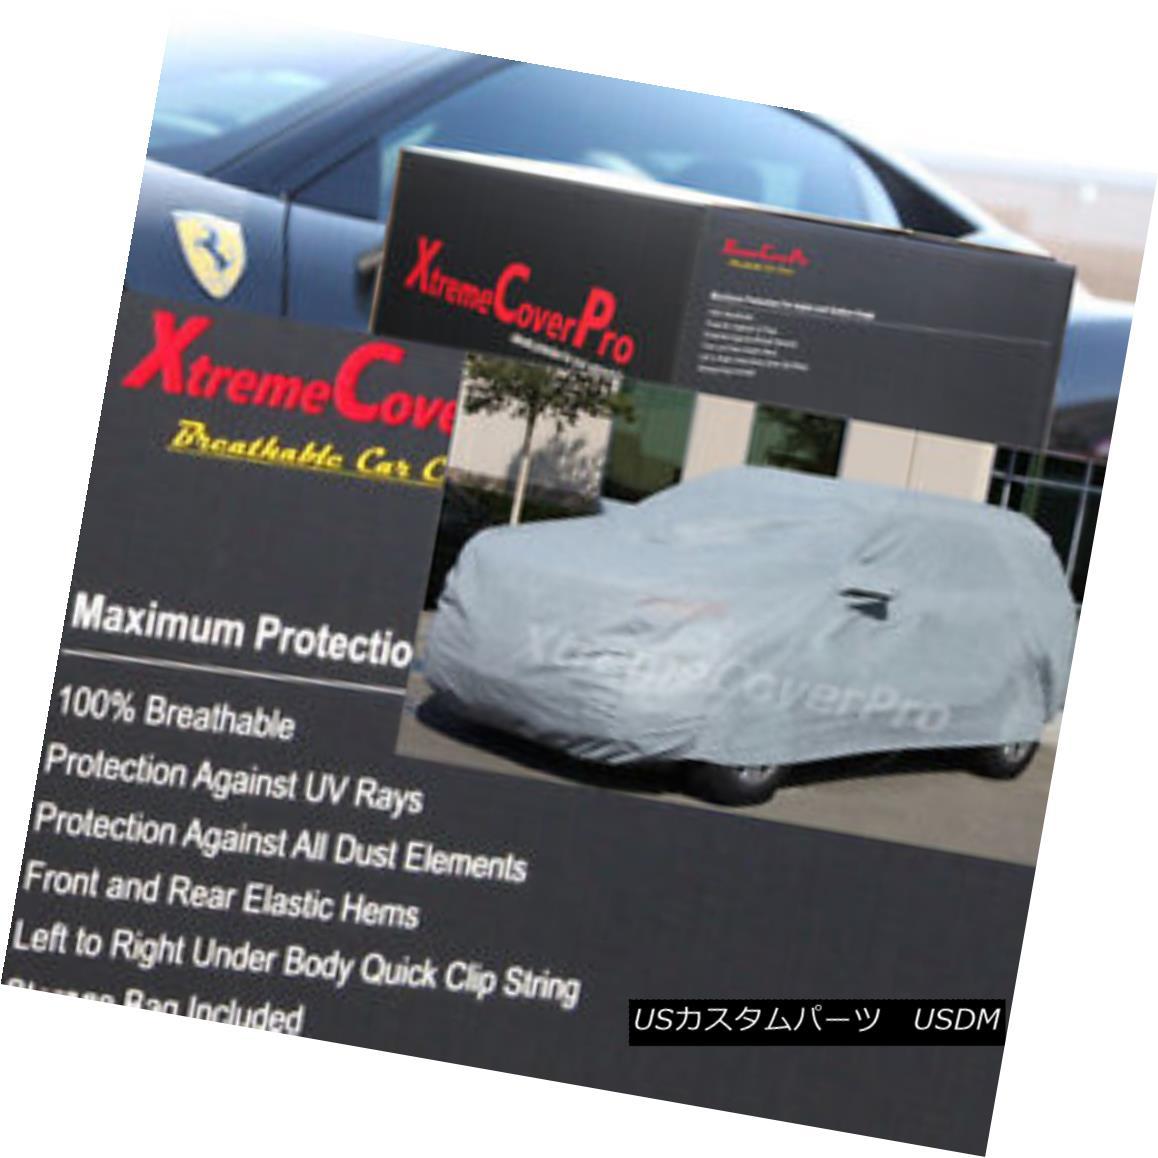 カーカバー 2001 2002 2003 Toyota Highlander Breathable Car Cover w/MirrorPocket 2001年2002年2003年トヨタハイランダー通気性車カバー付きMirrorPocket